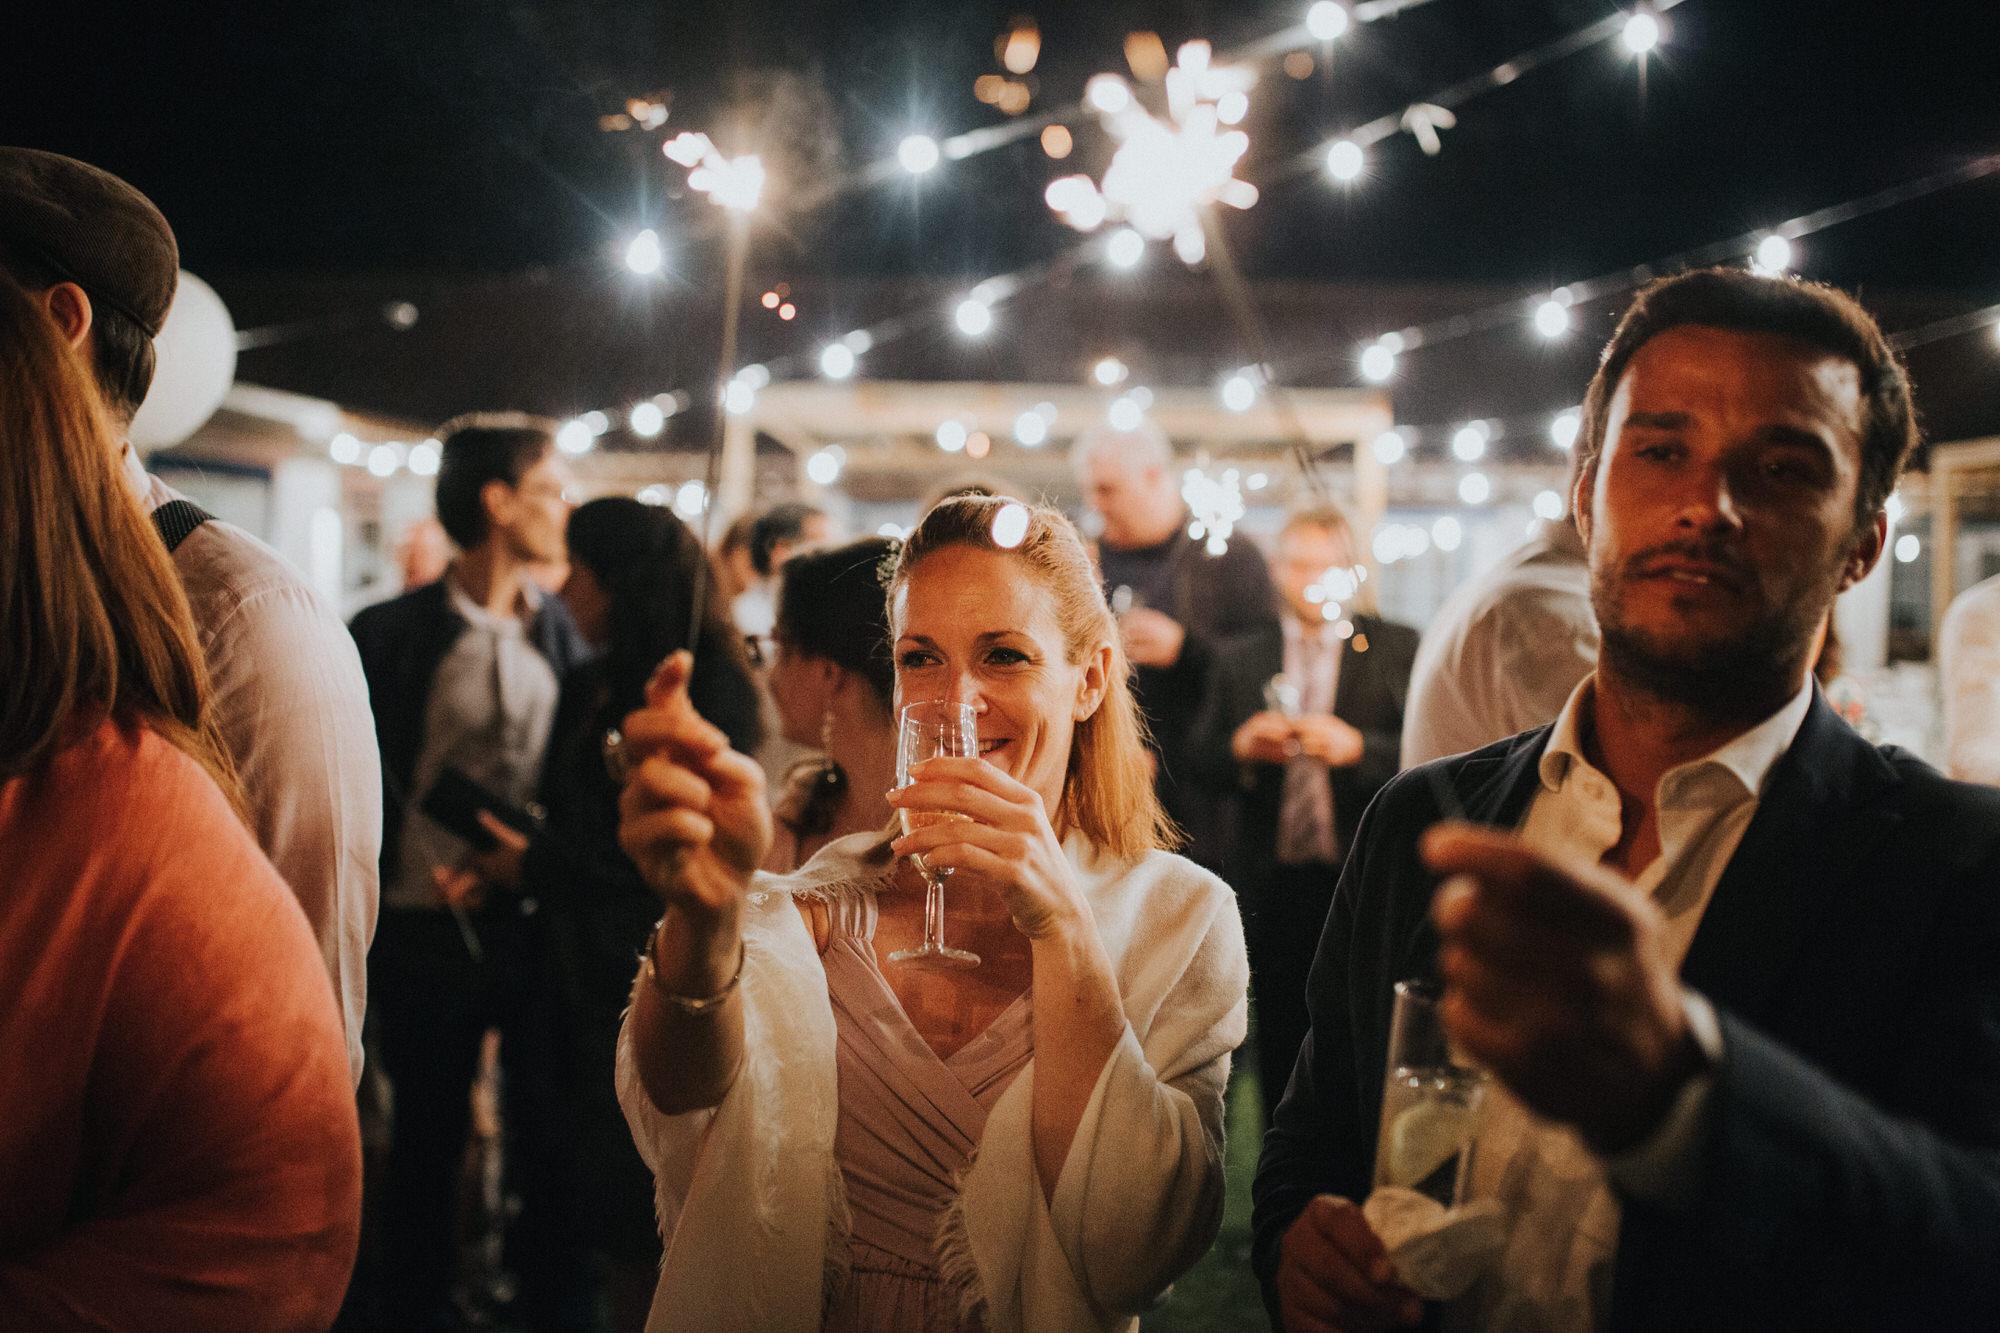 Filipe Santiago Fotografia-fotografo-malveira-lisboa-cascais-mafra-melhores-reportagem-wedding-photography-portugal-lisbon-best-natural-casamentos-lifestyle-bride-ideias-rustic-boho-hair-mackup-damas-preparativos-preparations-bridemaids-dress-shoes-bouquet-trends-church-cerimony-saida-igreja-dicas-session-welcome-best-venue-quinta-monte-redondo-melhores quintas-decor-decoração-night-lights-sparkles-noite